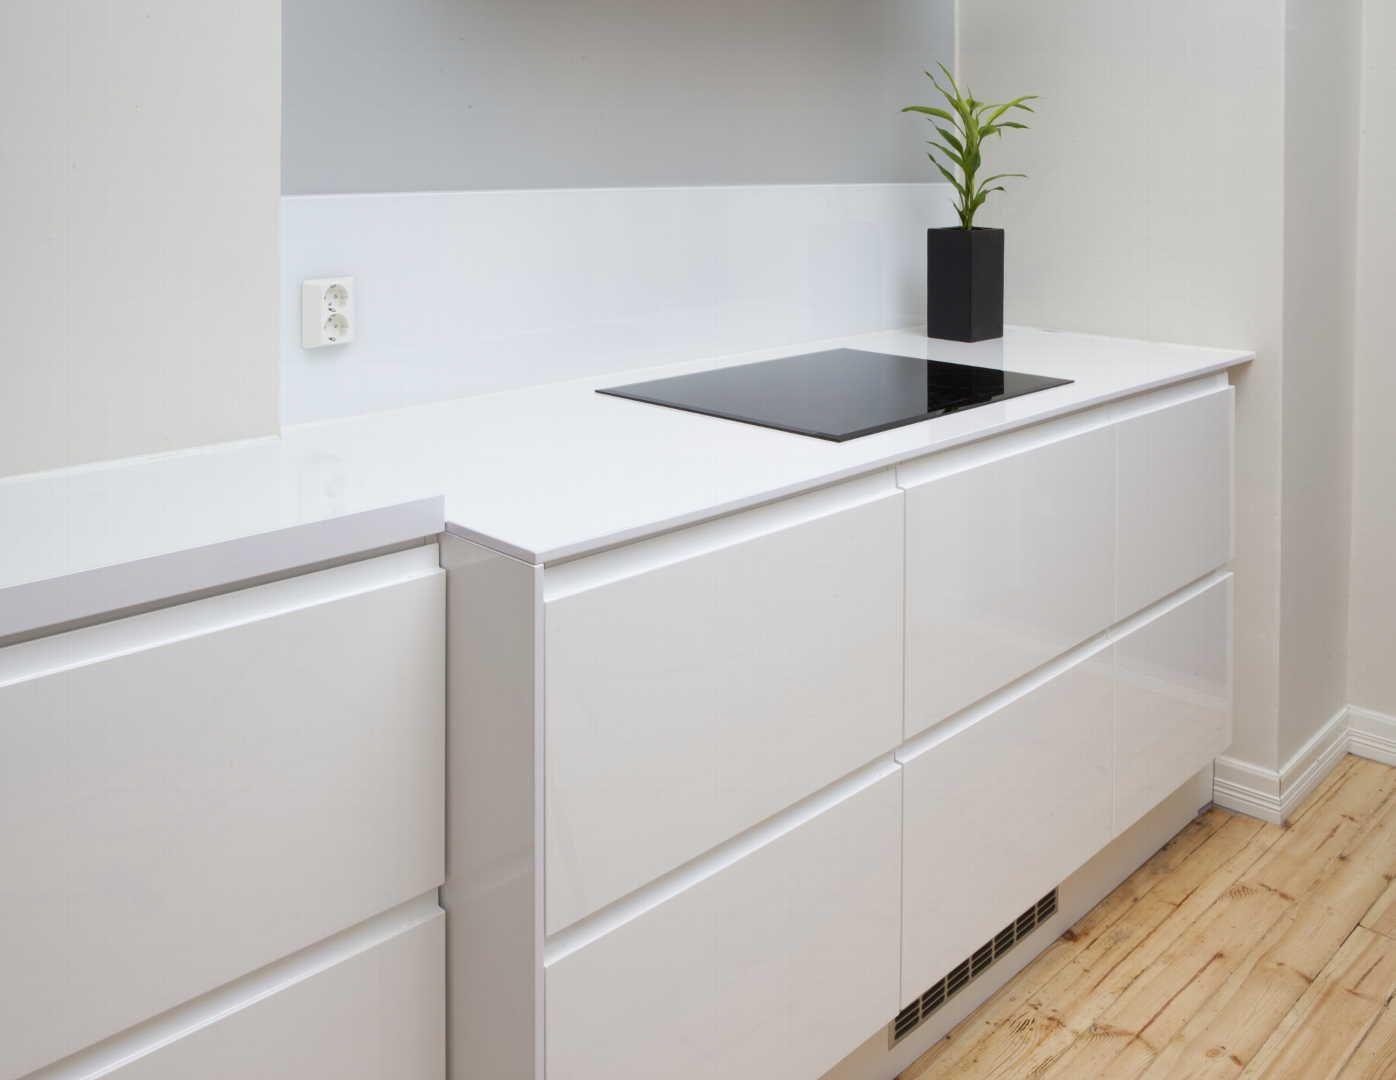 Katso kuvaa modernista, tyylikkäästä keittiöstä. Klikkaa kuvaa, niin näet tuotteiden tiedot ja ostopaikat!